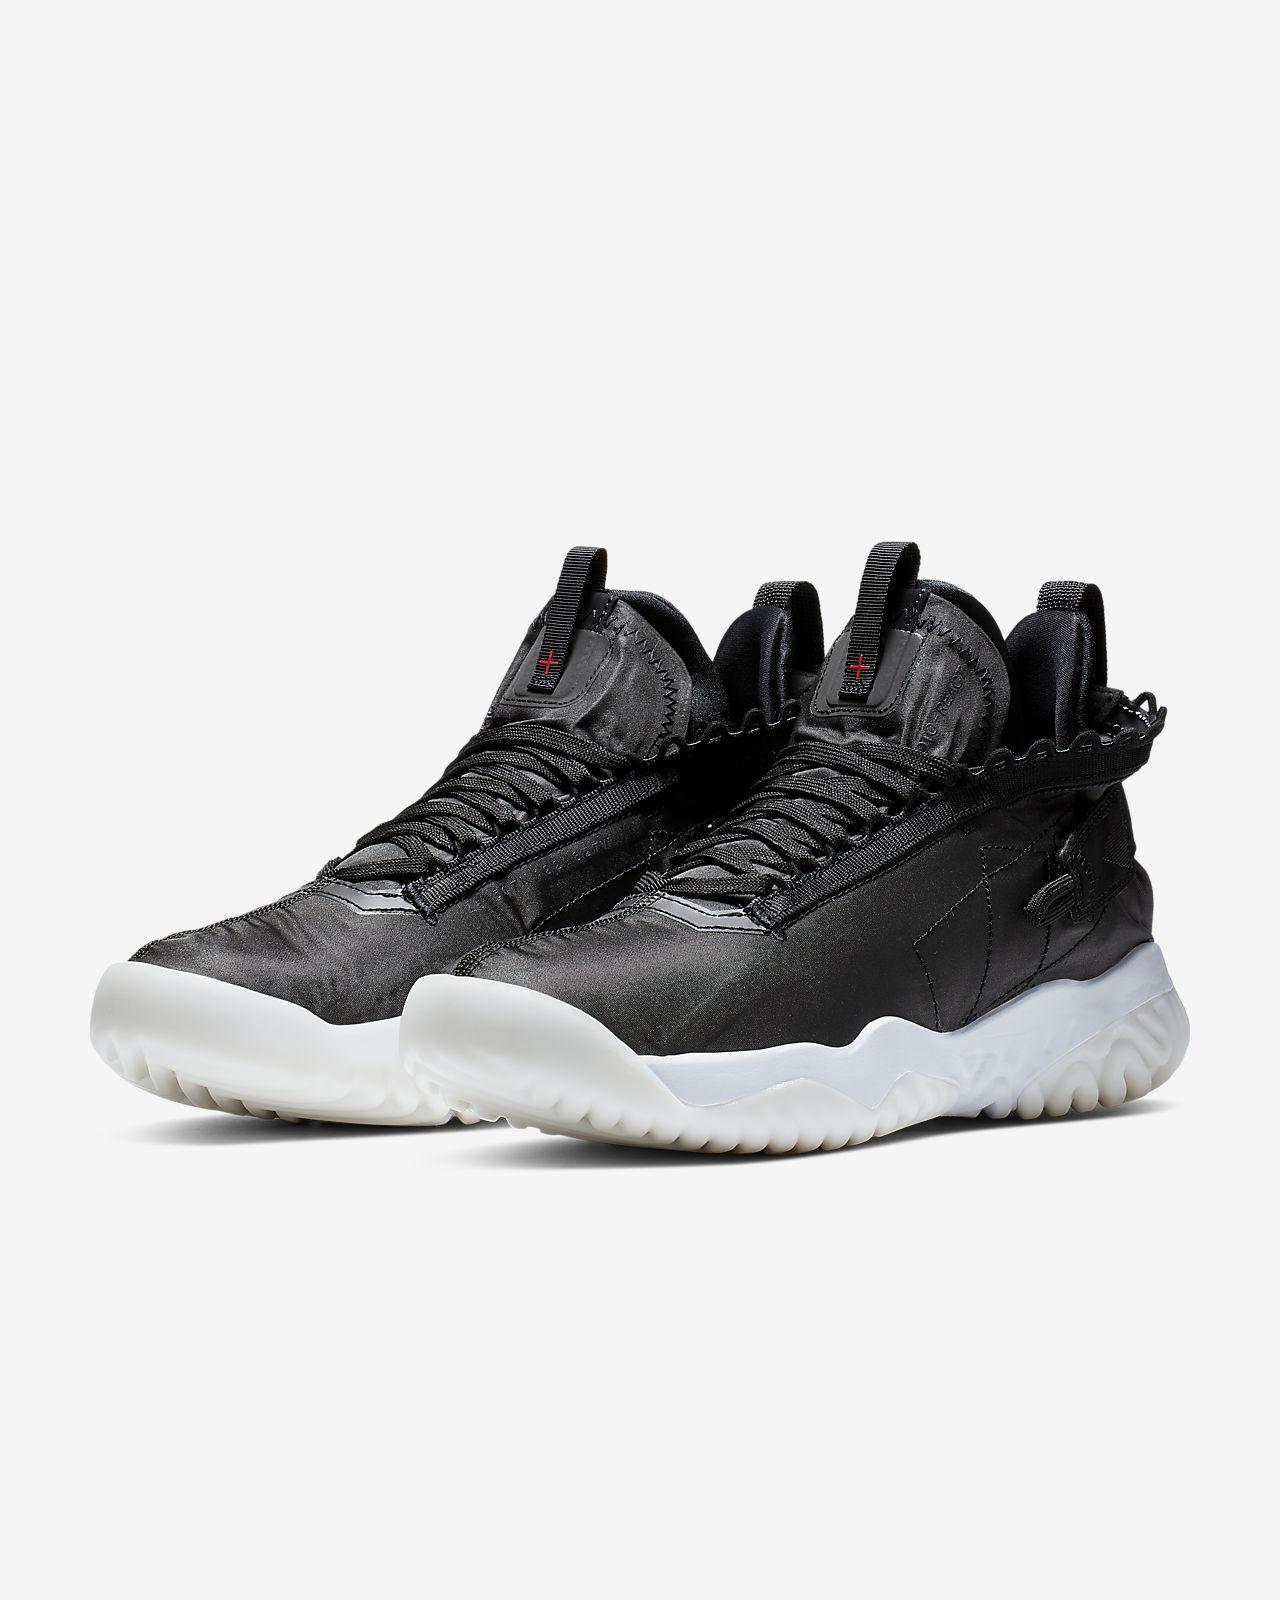 wholesale dealer 23b49 75da9 ... Jordan Proto-React Men s Shoe